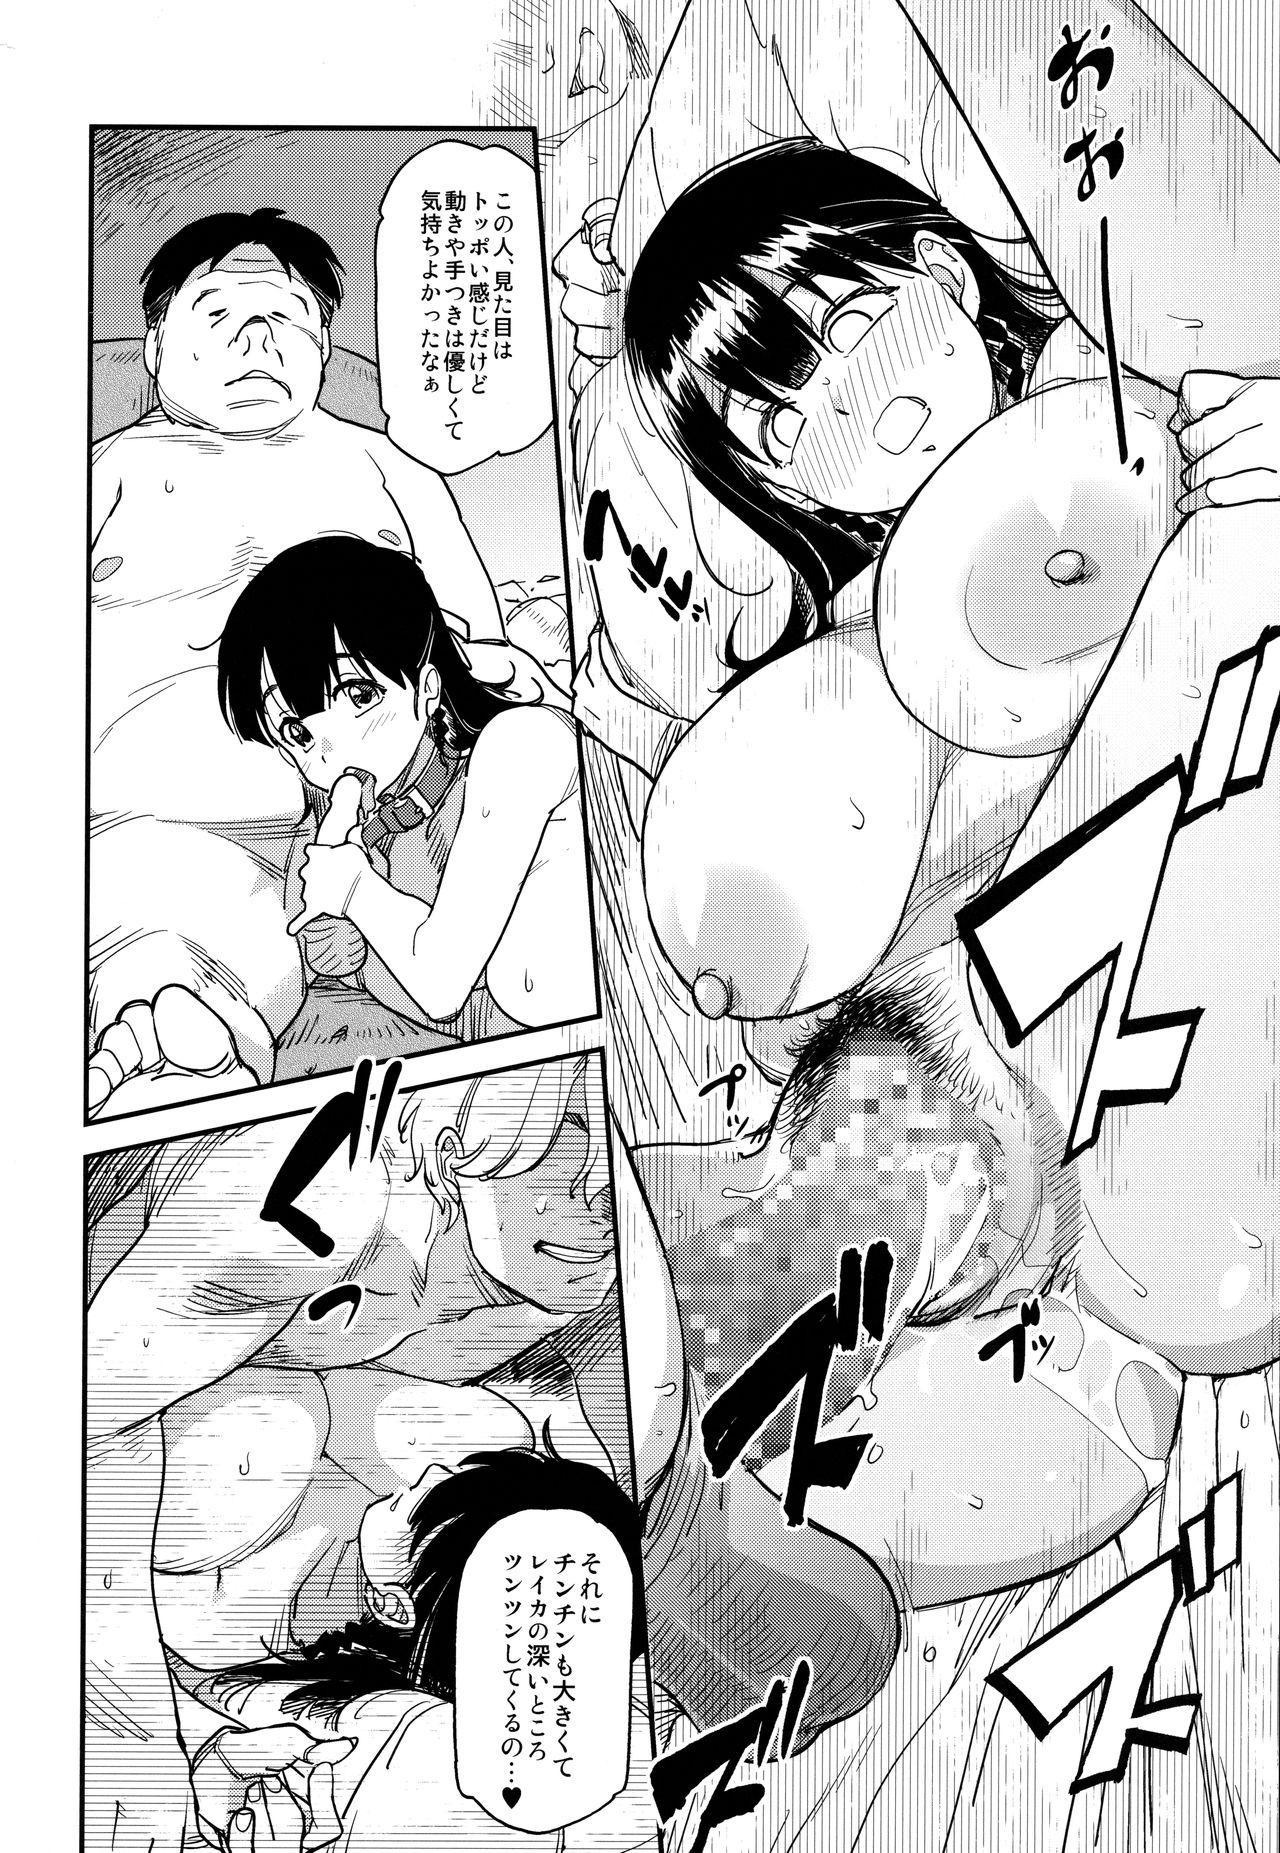 Chikusho no Majime 6